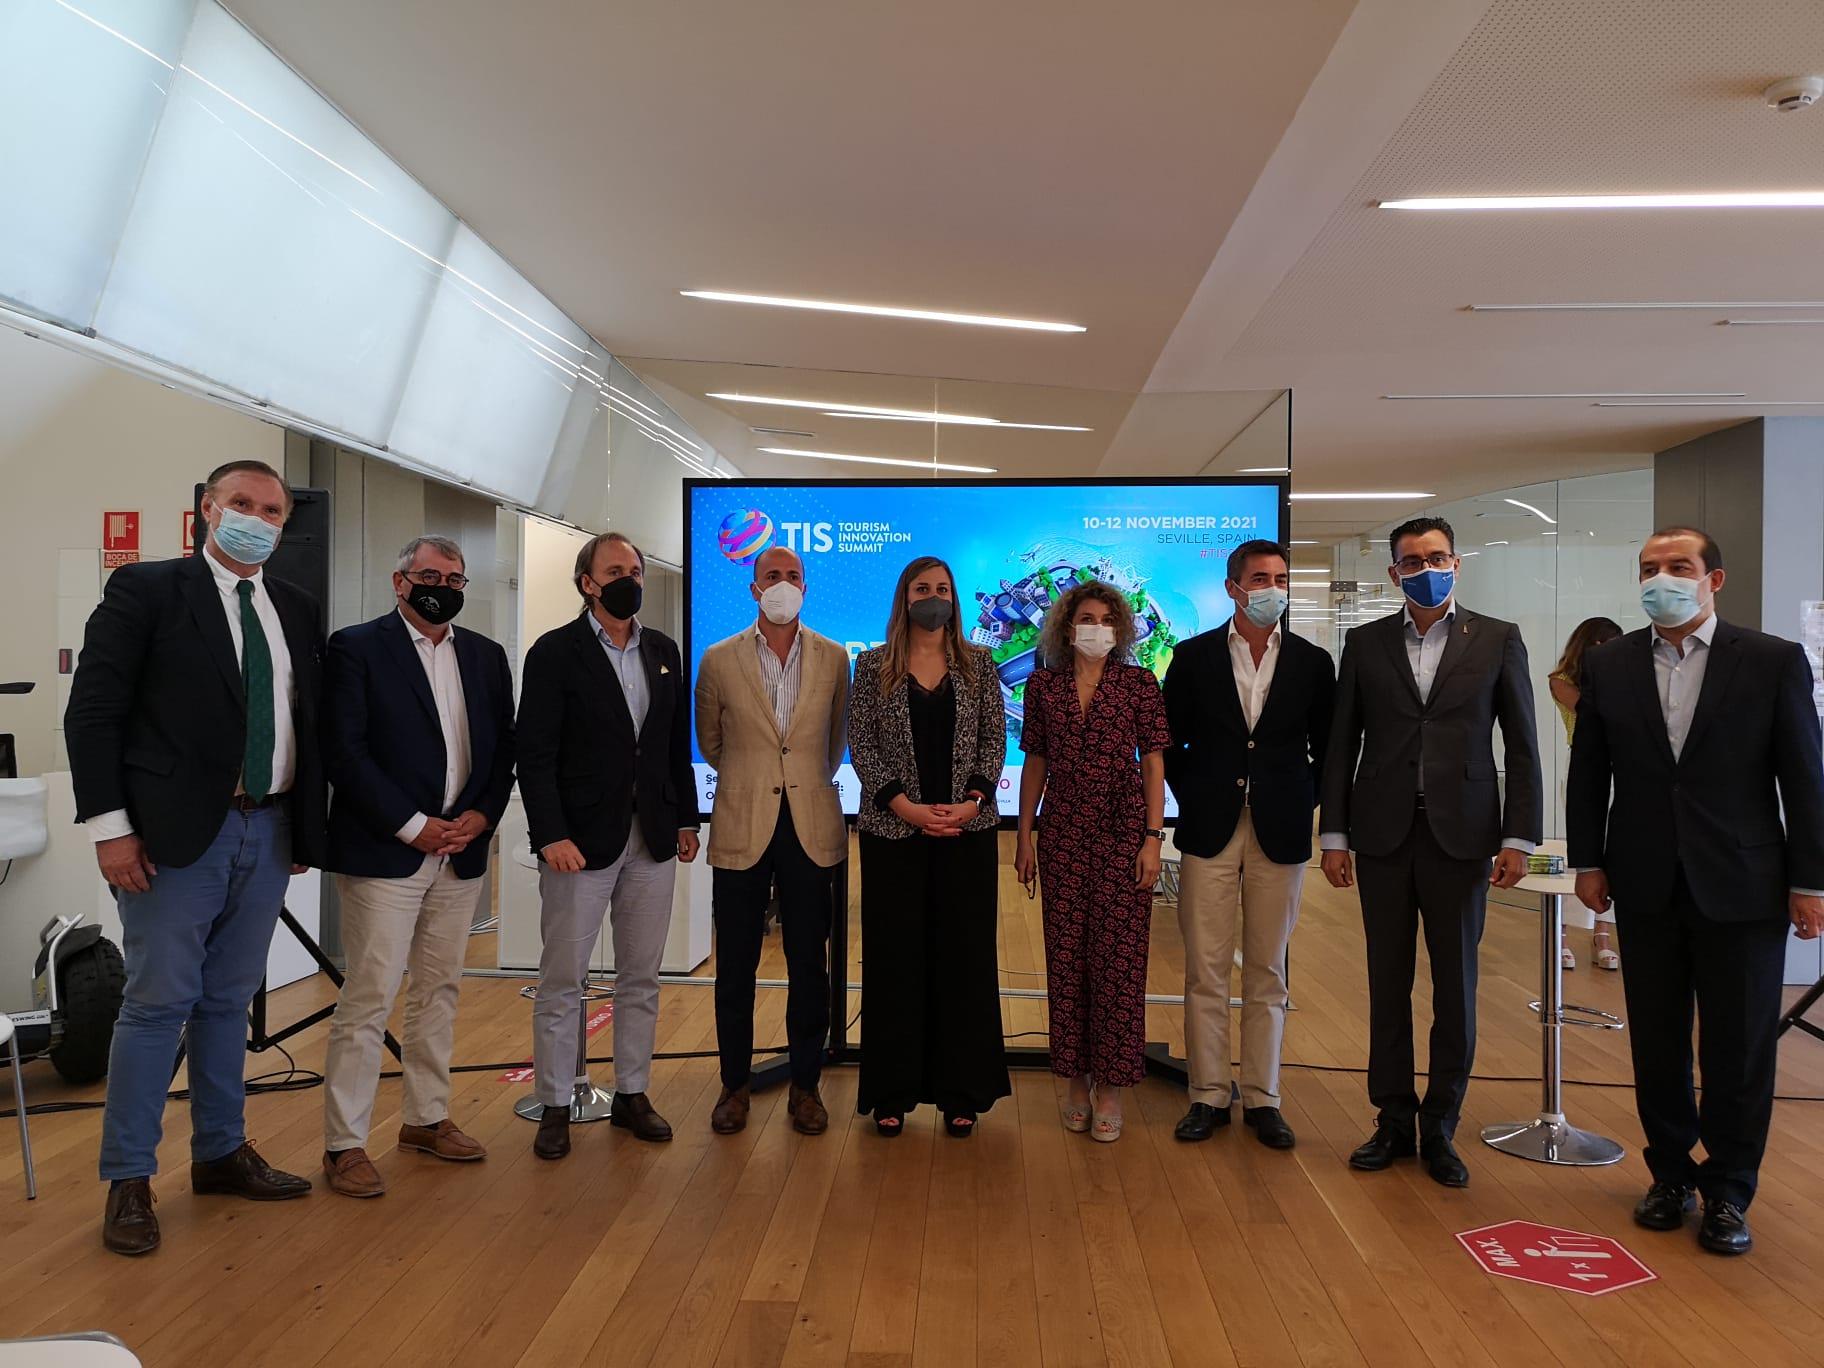 La industria turística apuesta por TIS2021 como cumbre de innovación para impulsar la competitividad del sector